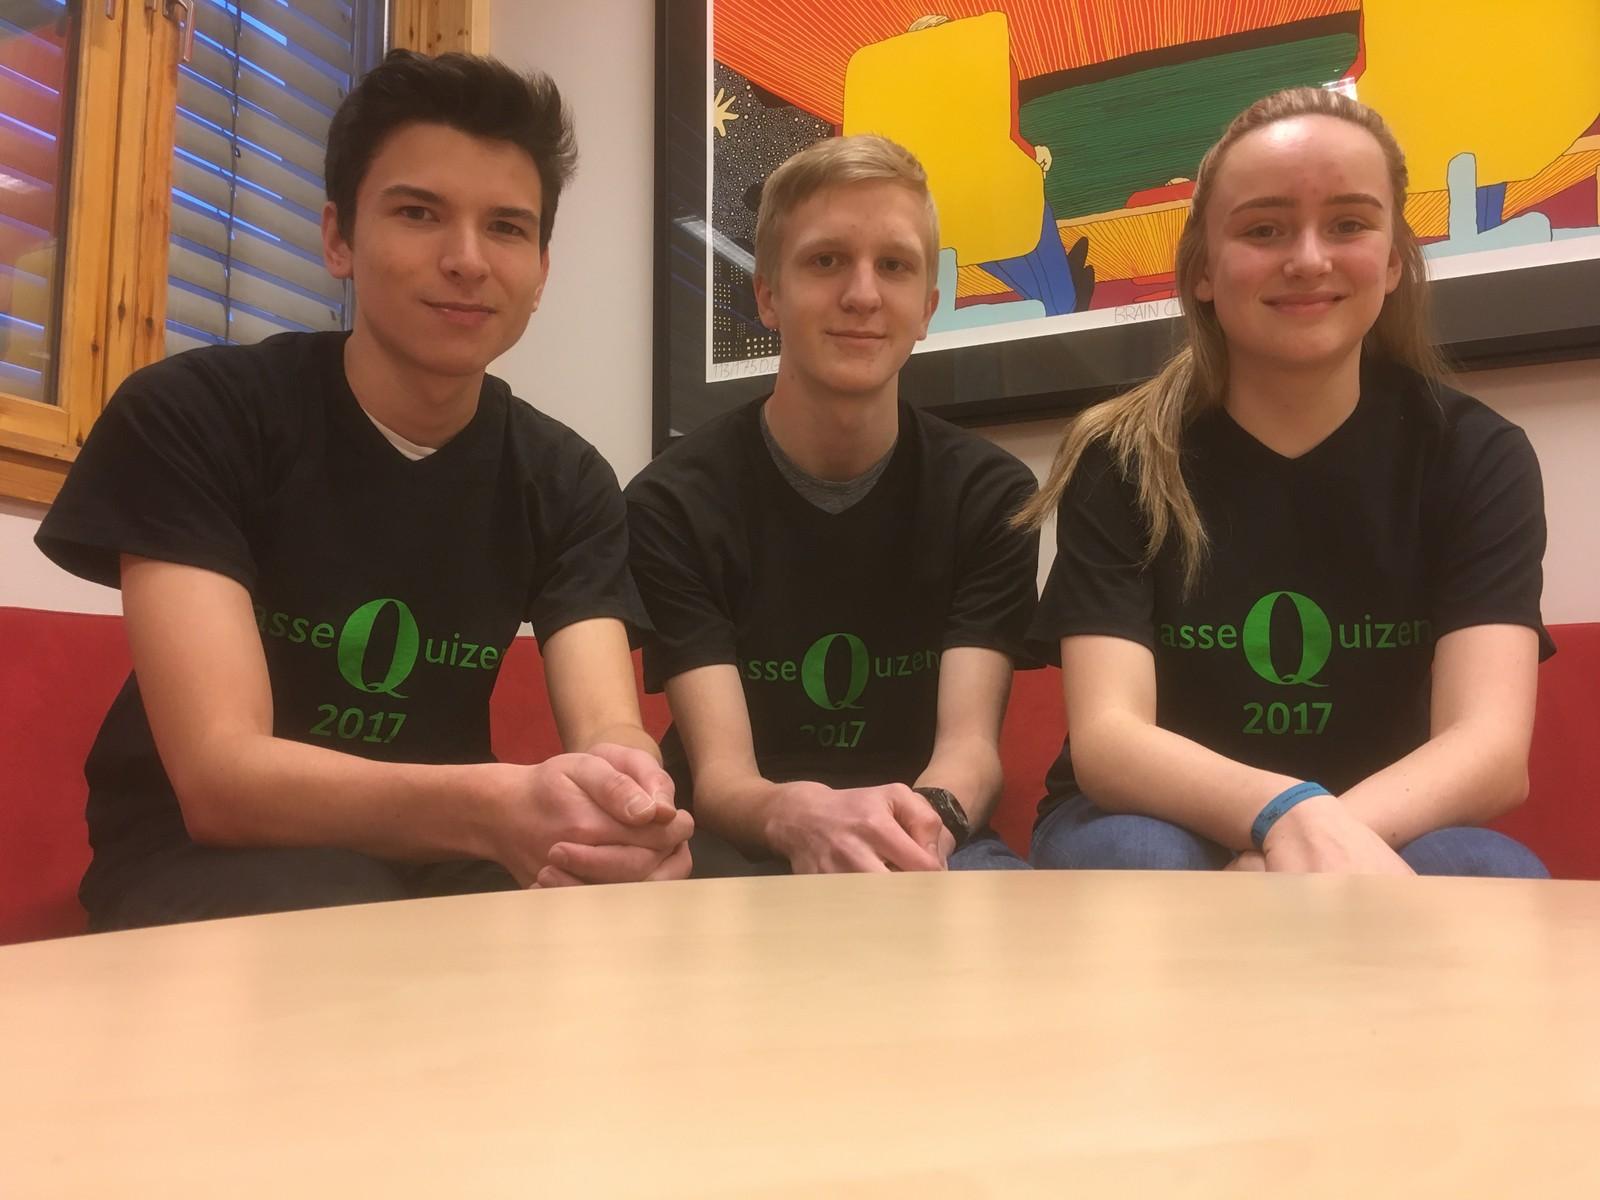 Daniel Alexander Bjørshol, Sivert Aaseth og Rikke Skåle fra Løten ungdomsskole fikk ni poeng.